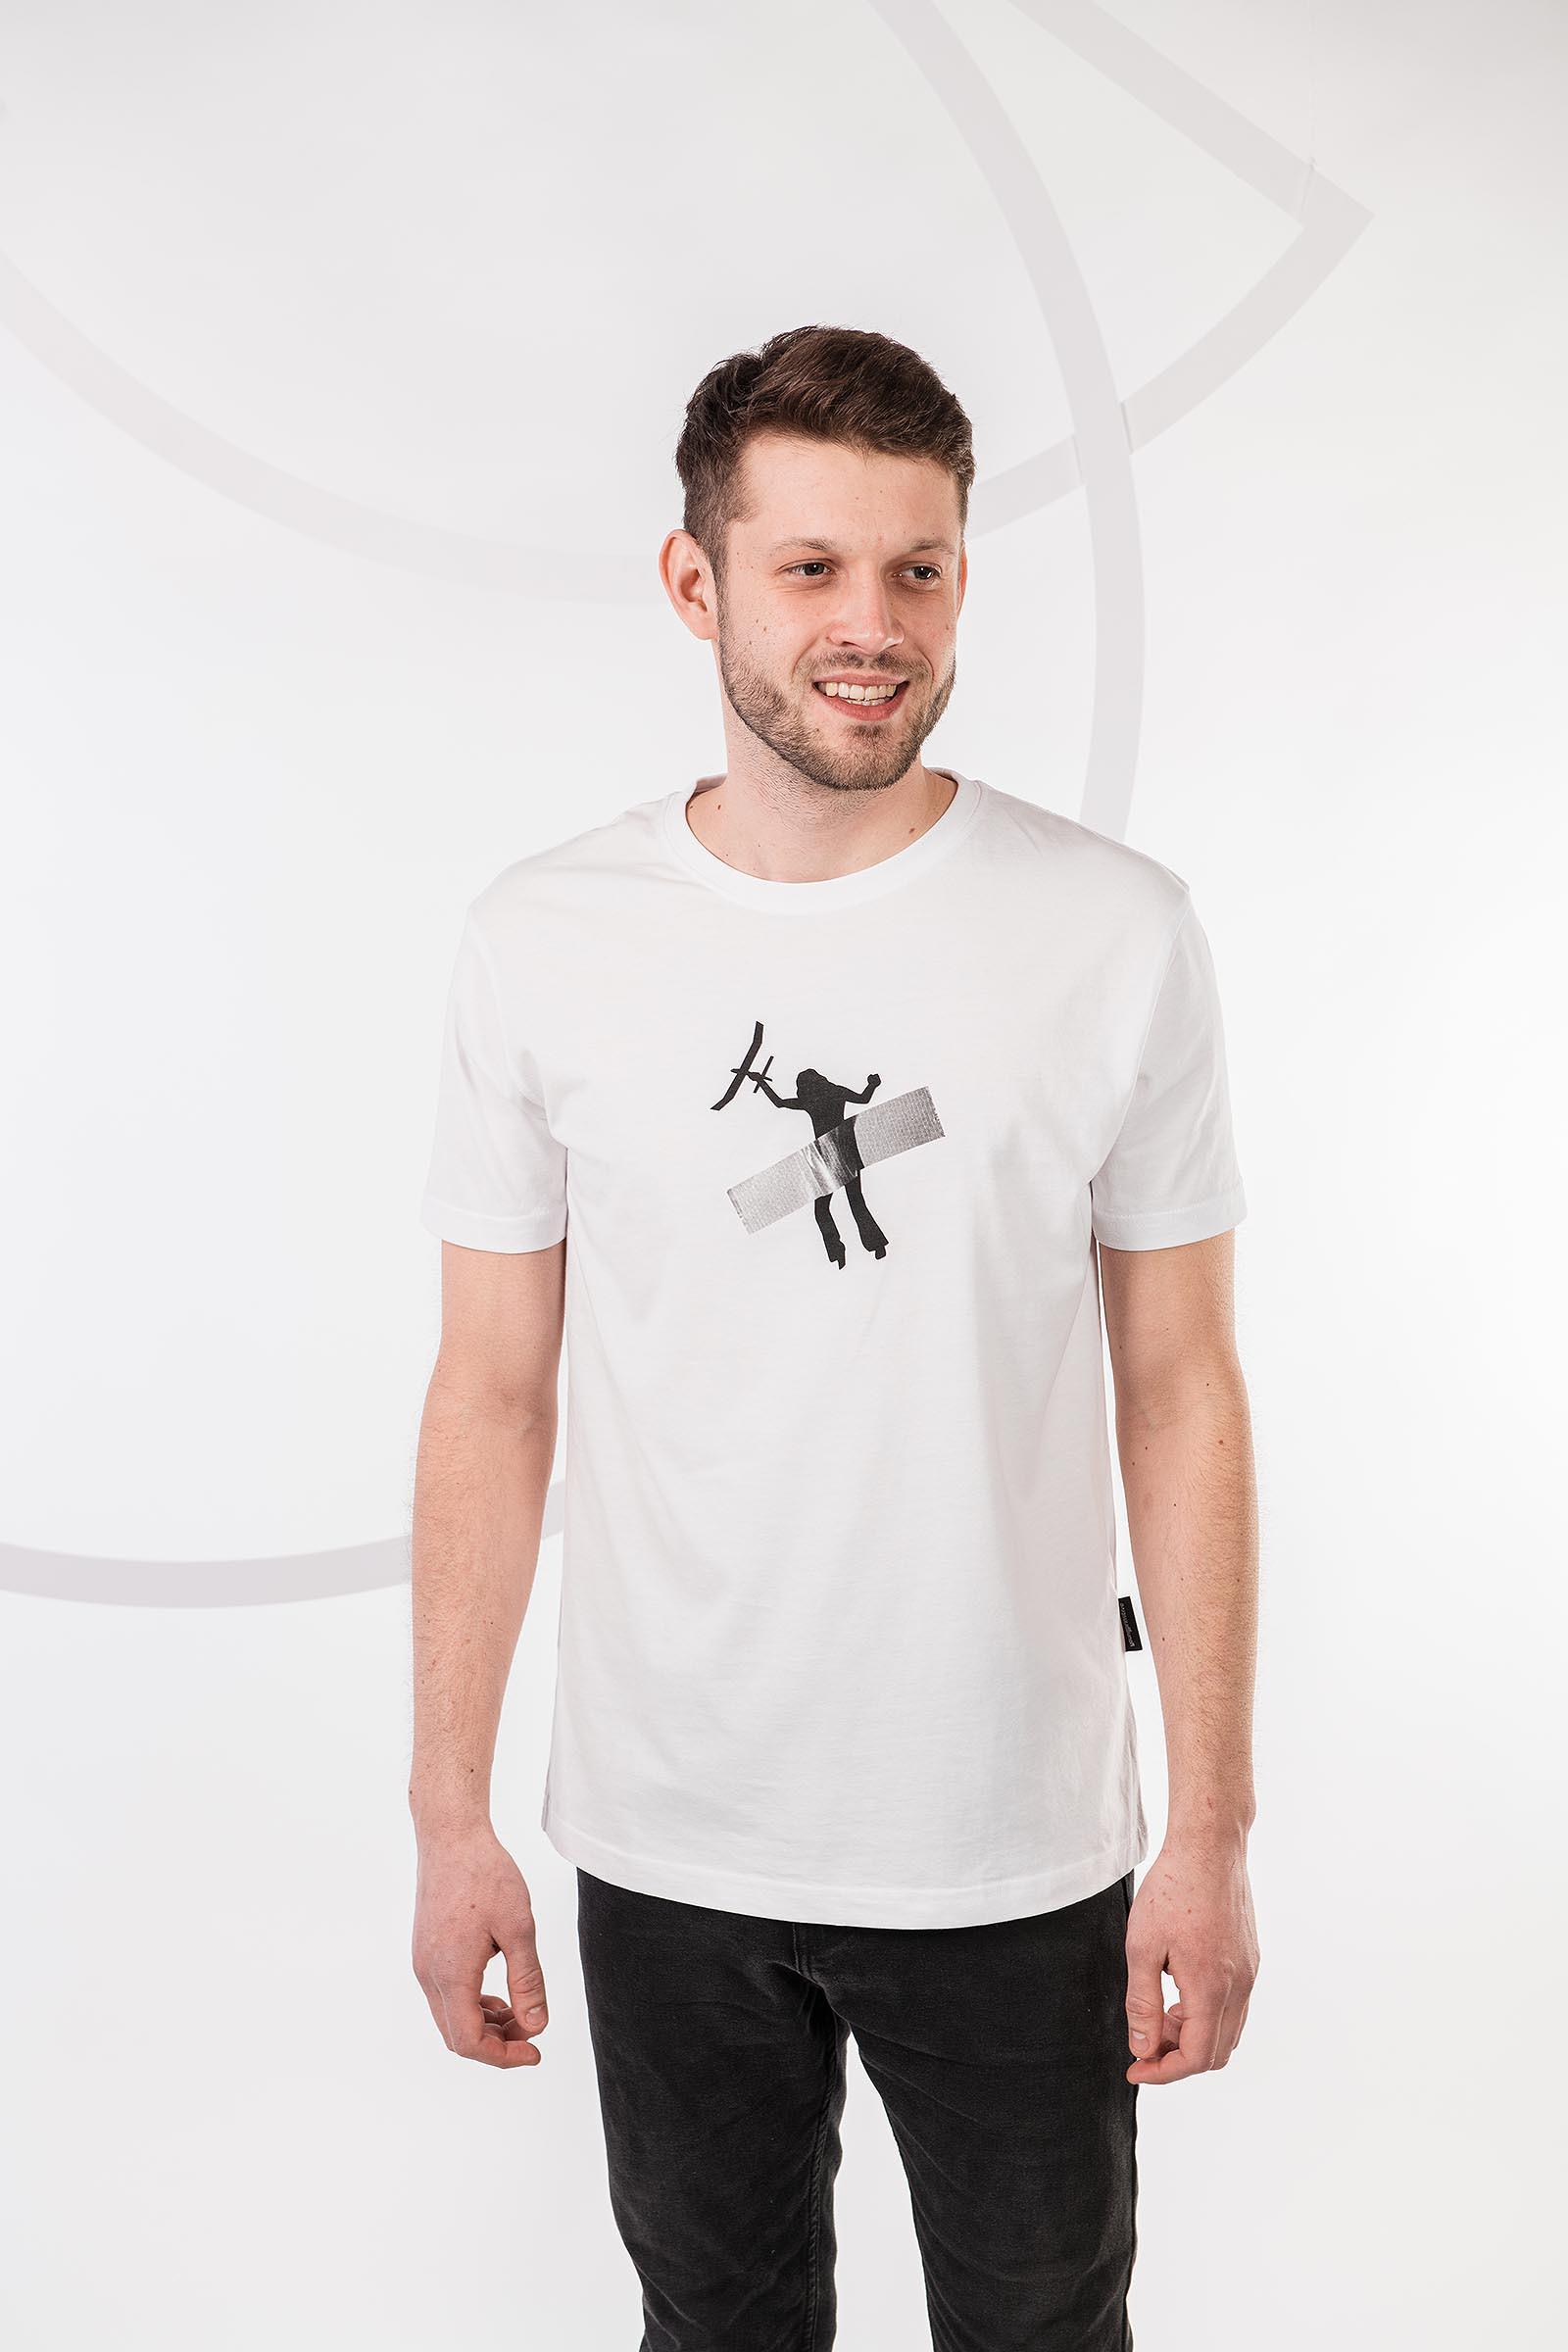 t-shirt for men Art white